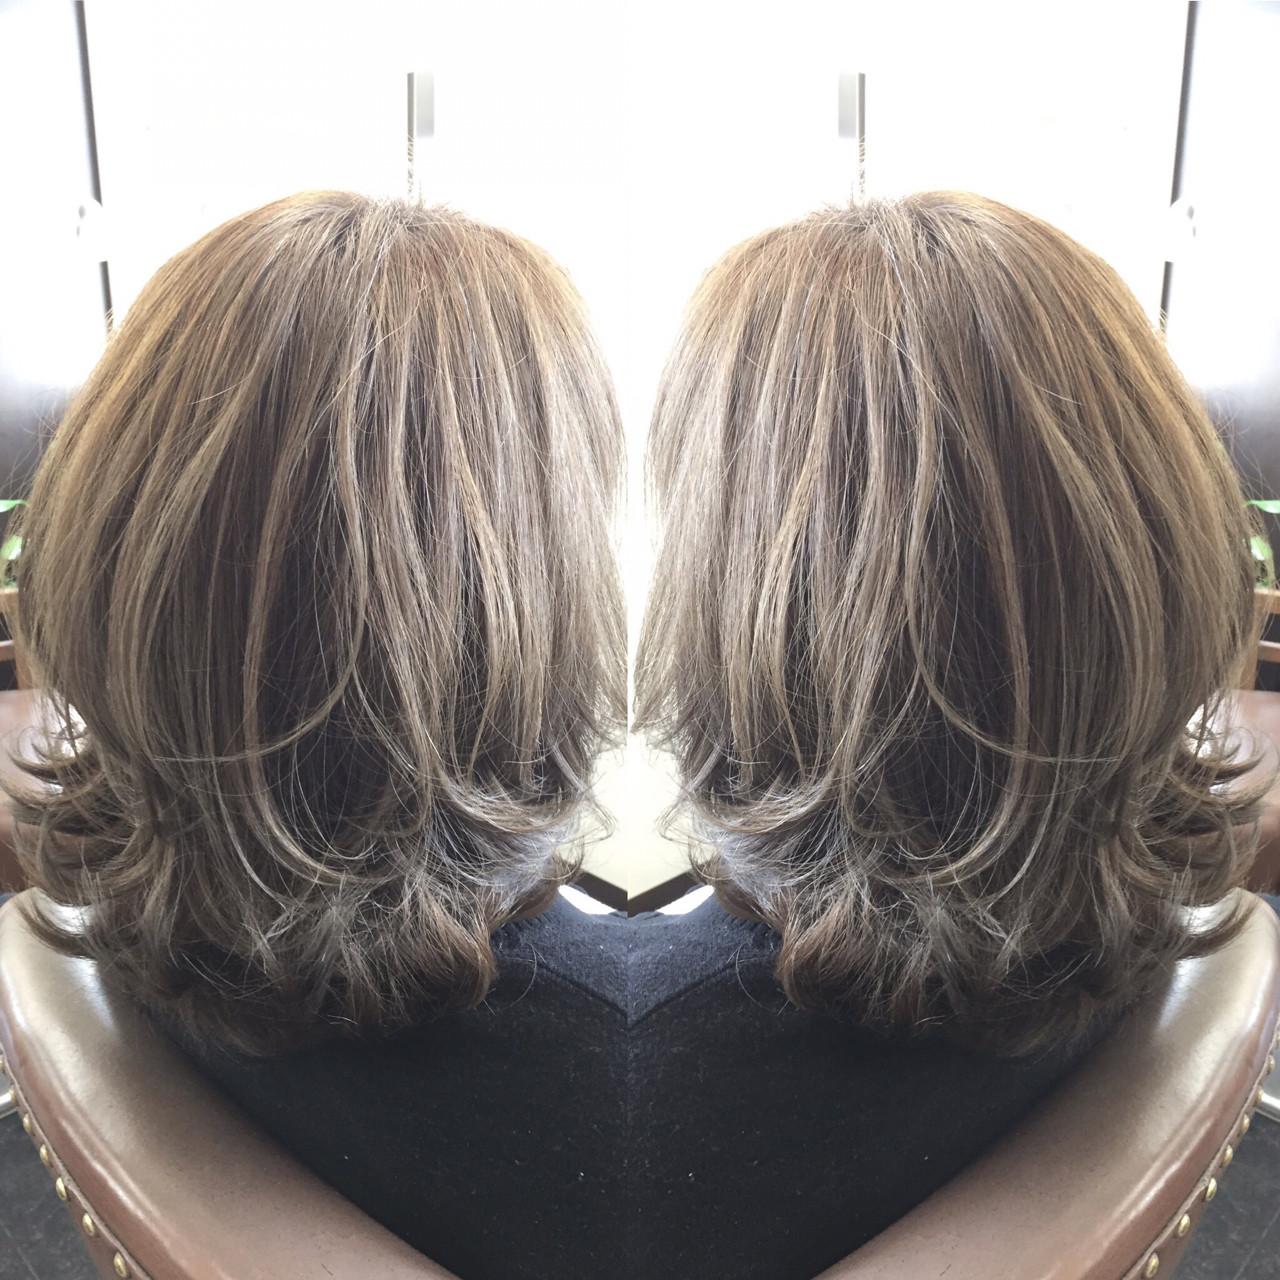 かわいい 外国人風 ボブ ミディアム ヘアスタイルや髪型の写真・画像 | 佐藤 允美 / Hair Space  ACT  LOCALLY(アクトローカリー)